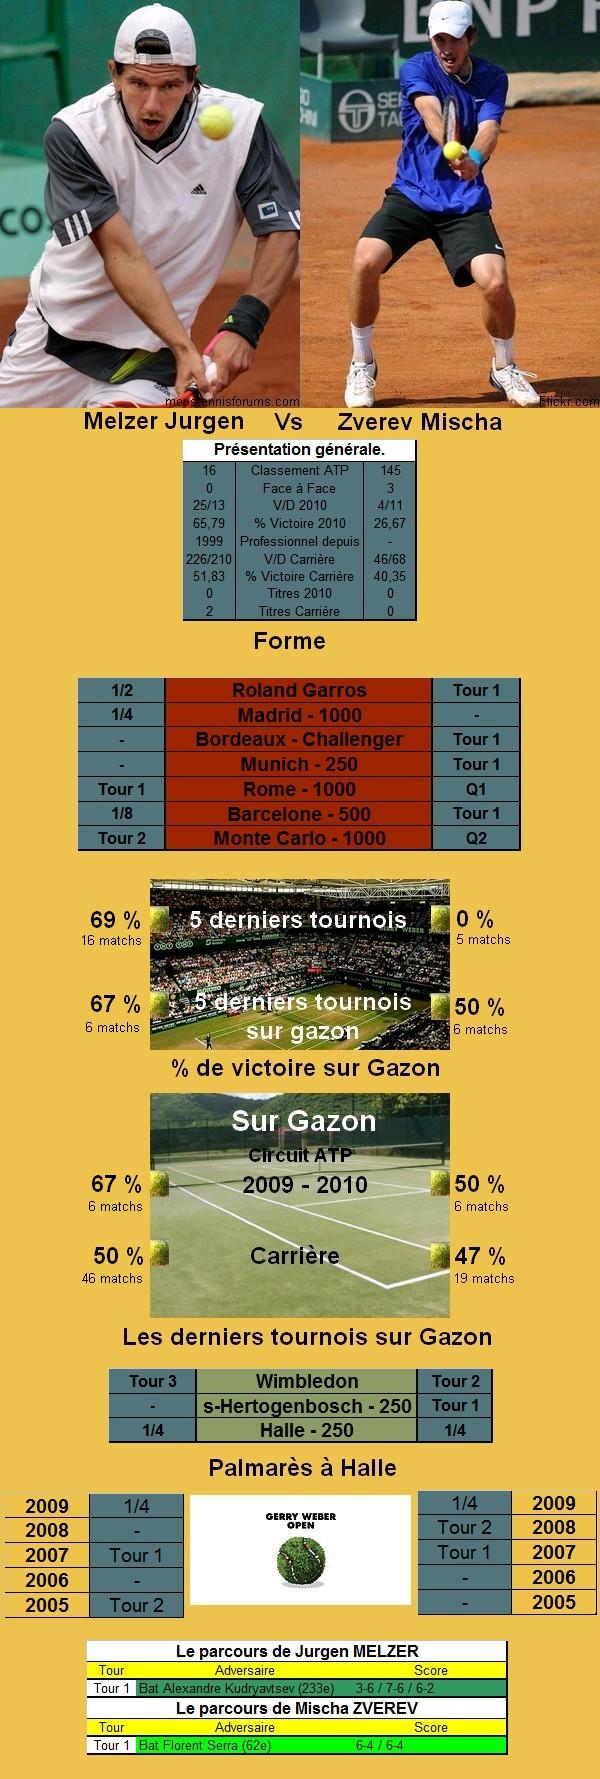 Statistiques tennis de Melzer contre Zverev à Halle